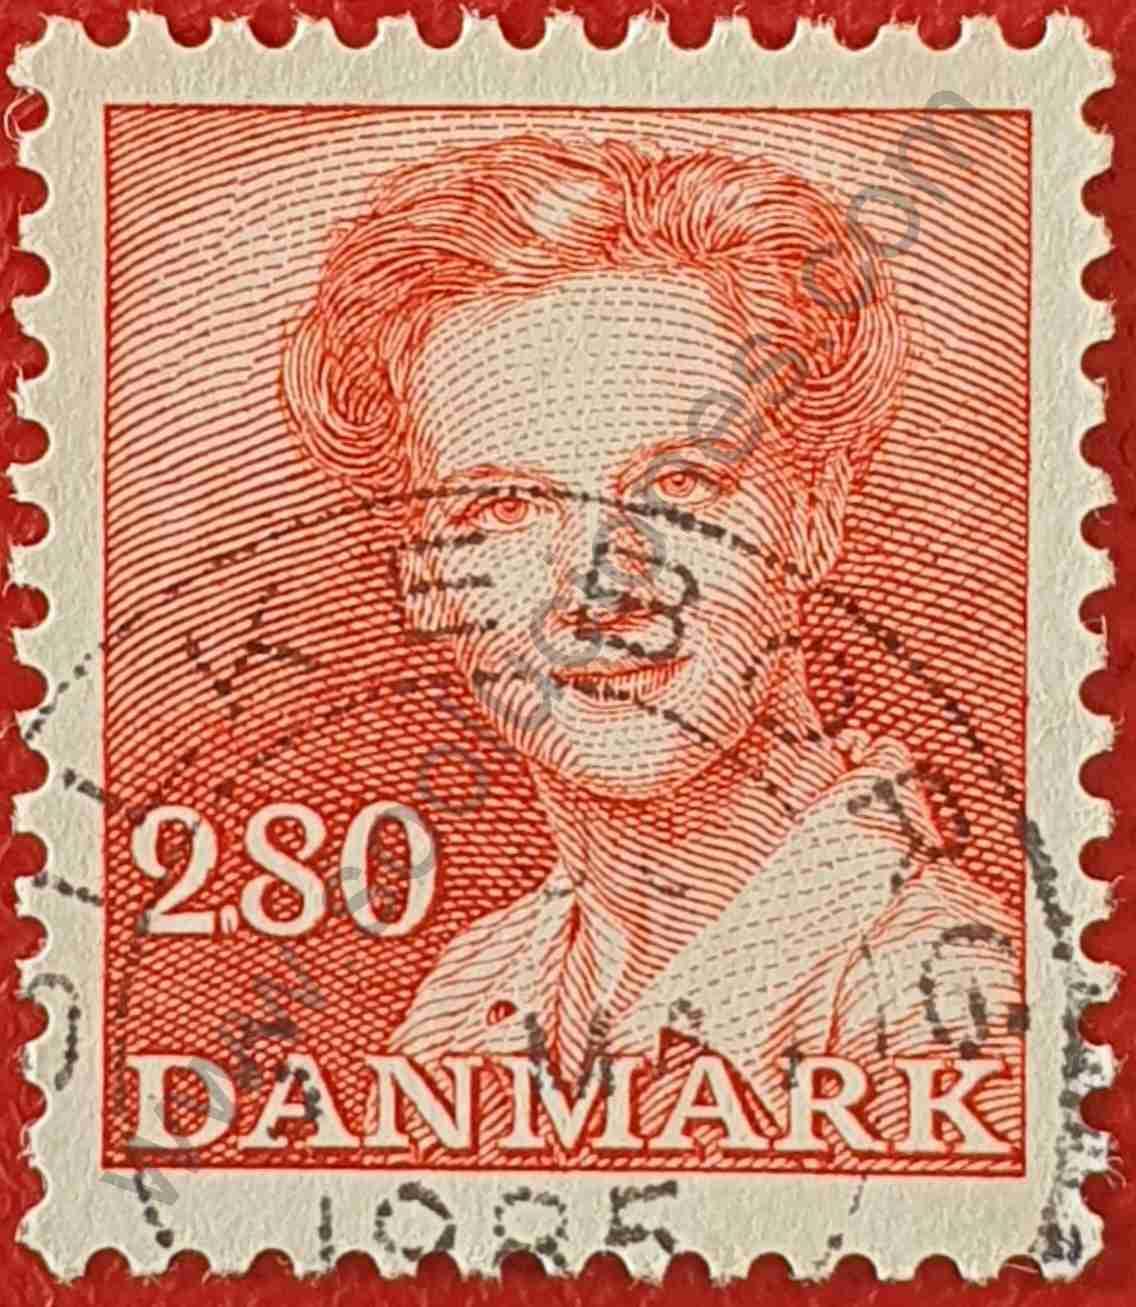 Reina Margarita II valor facial 2,80 - Sello Dinamarca 1985